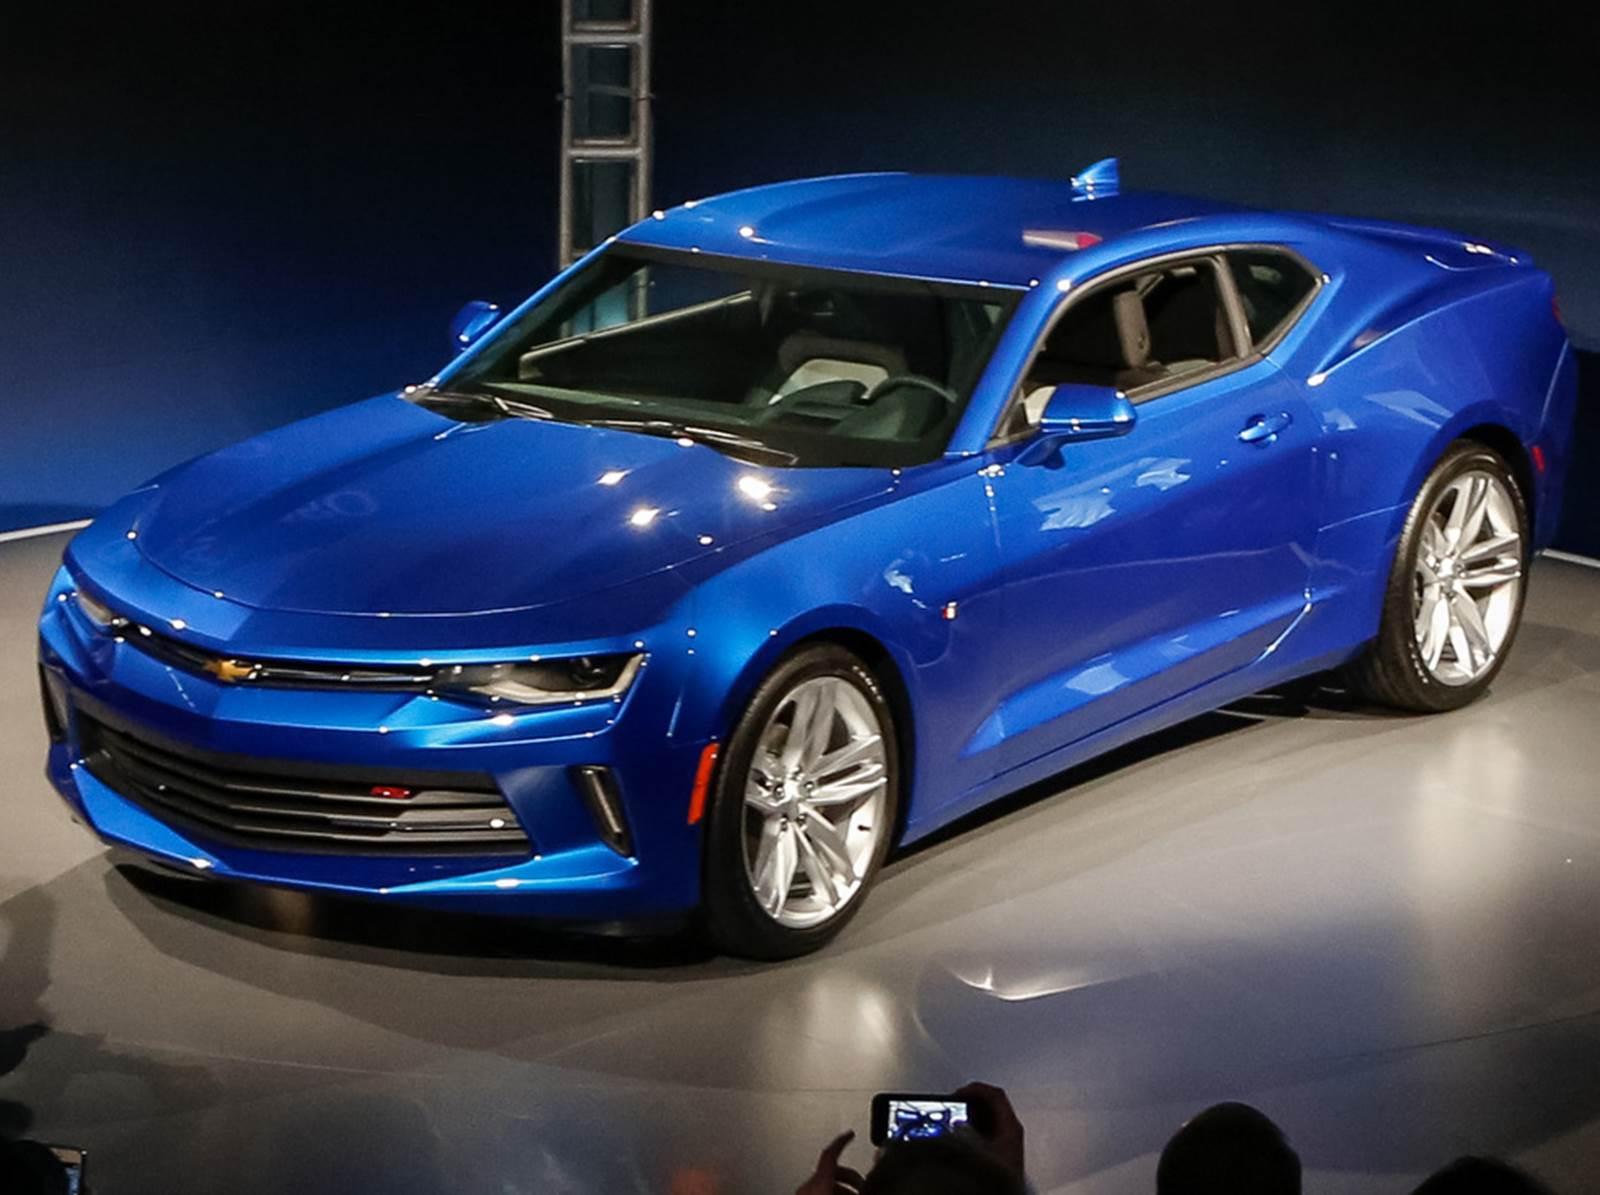 Novo GM Camaro 2016: vídeo, desempenho e especificações | CAR.BLOG.BR